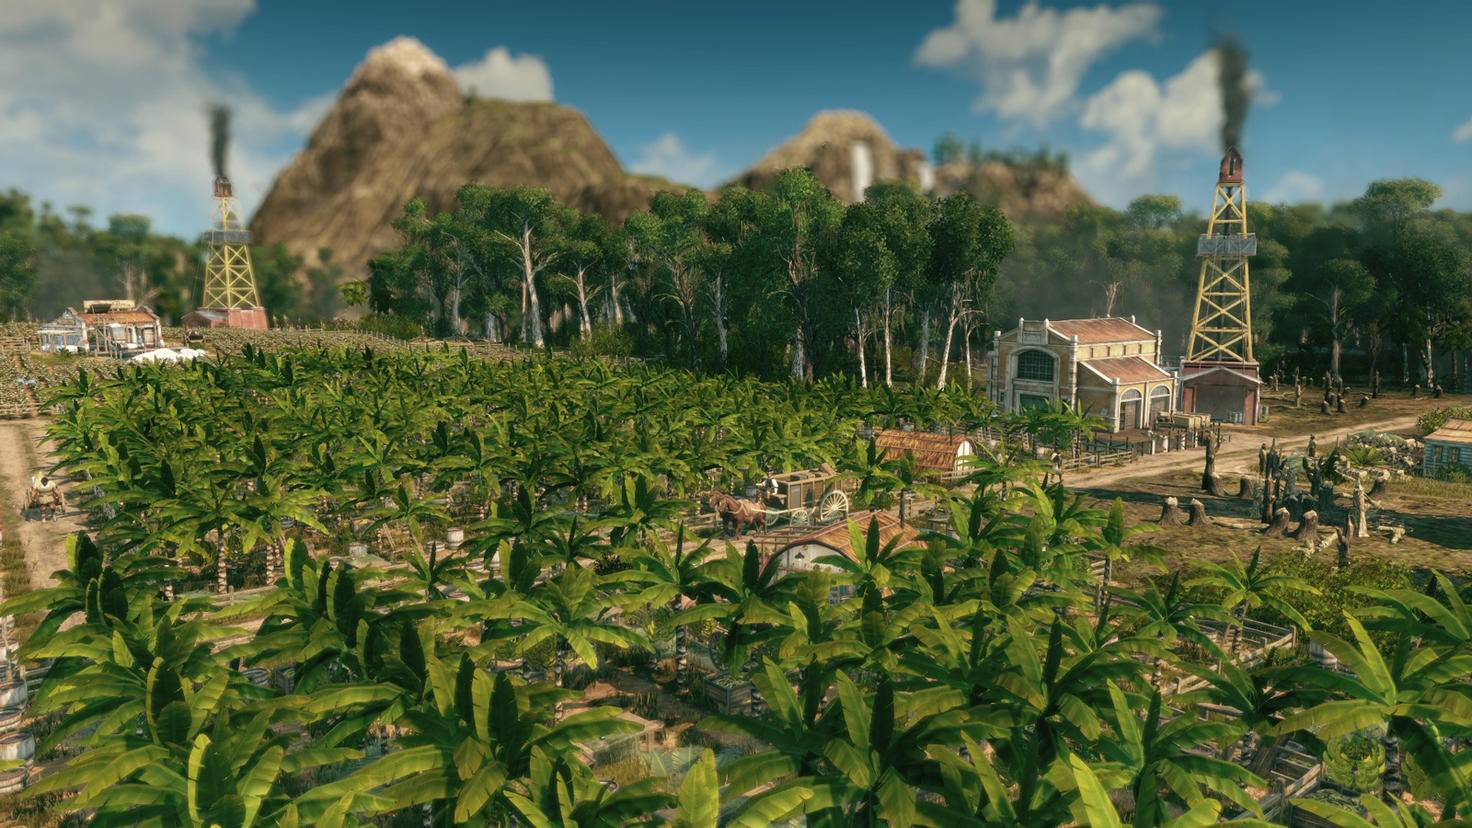 """In der neuen """"Anno""""-Welt können zahlreiche exotische Obstsorten angebaut und exportiert werden."""